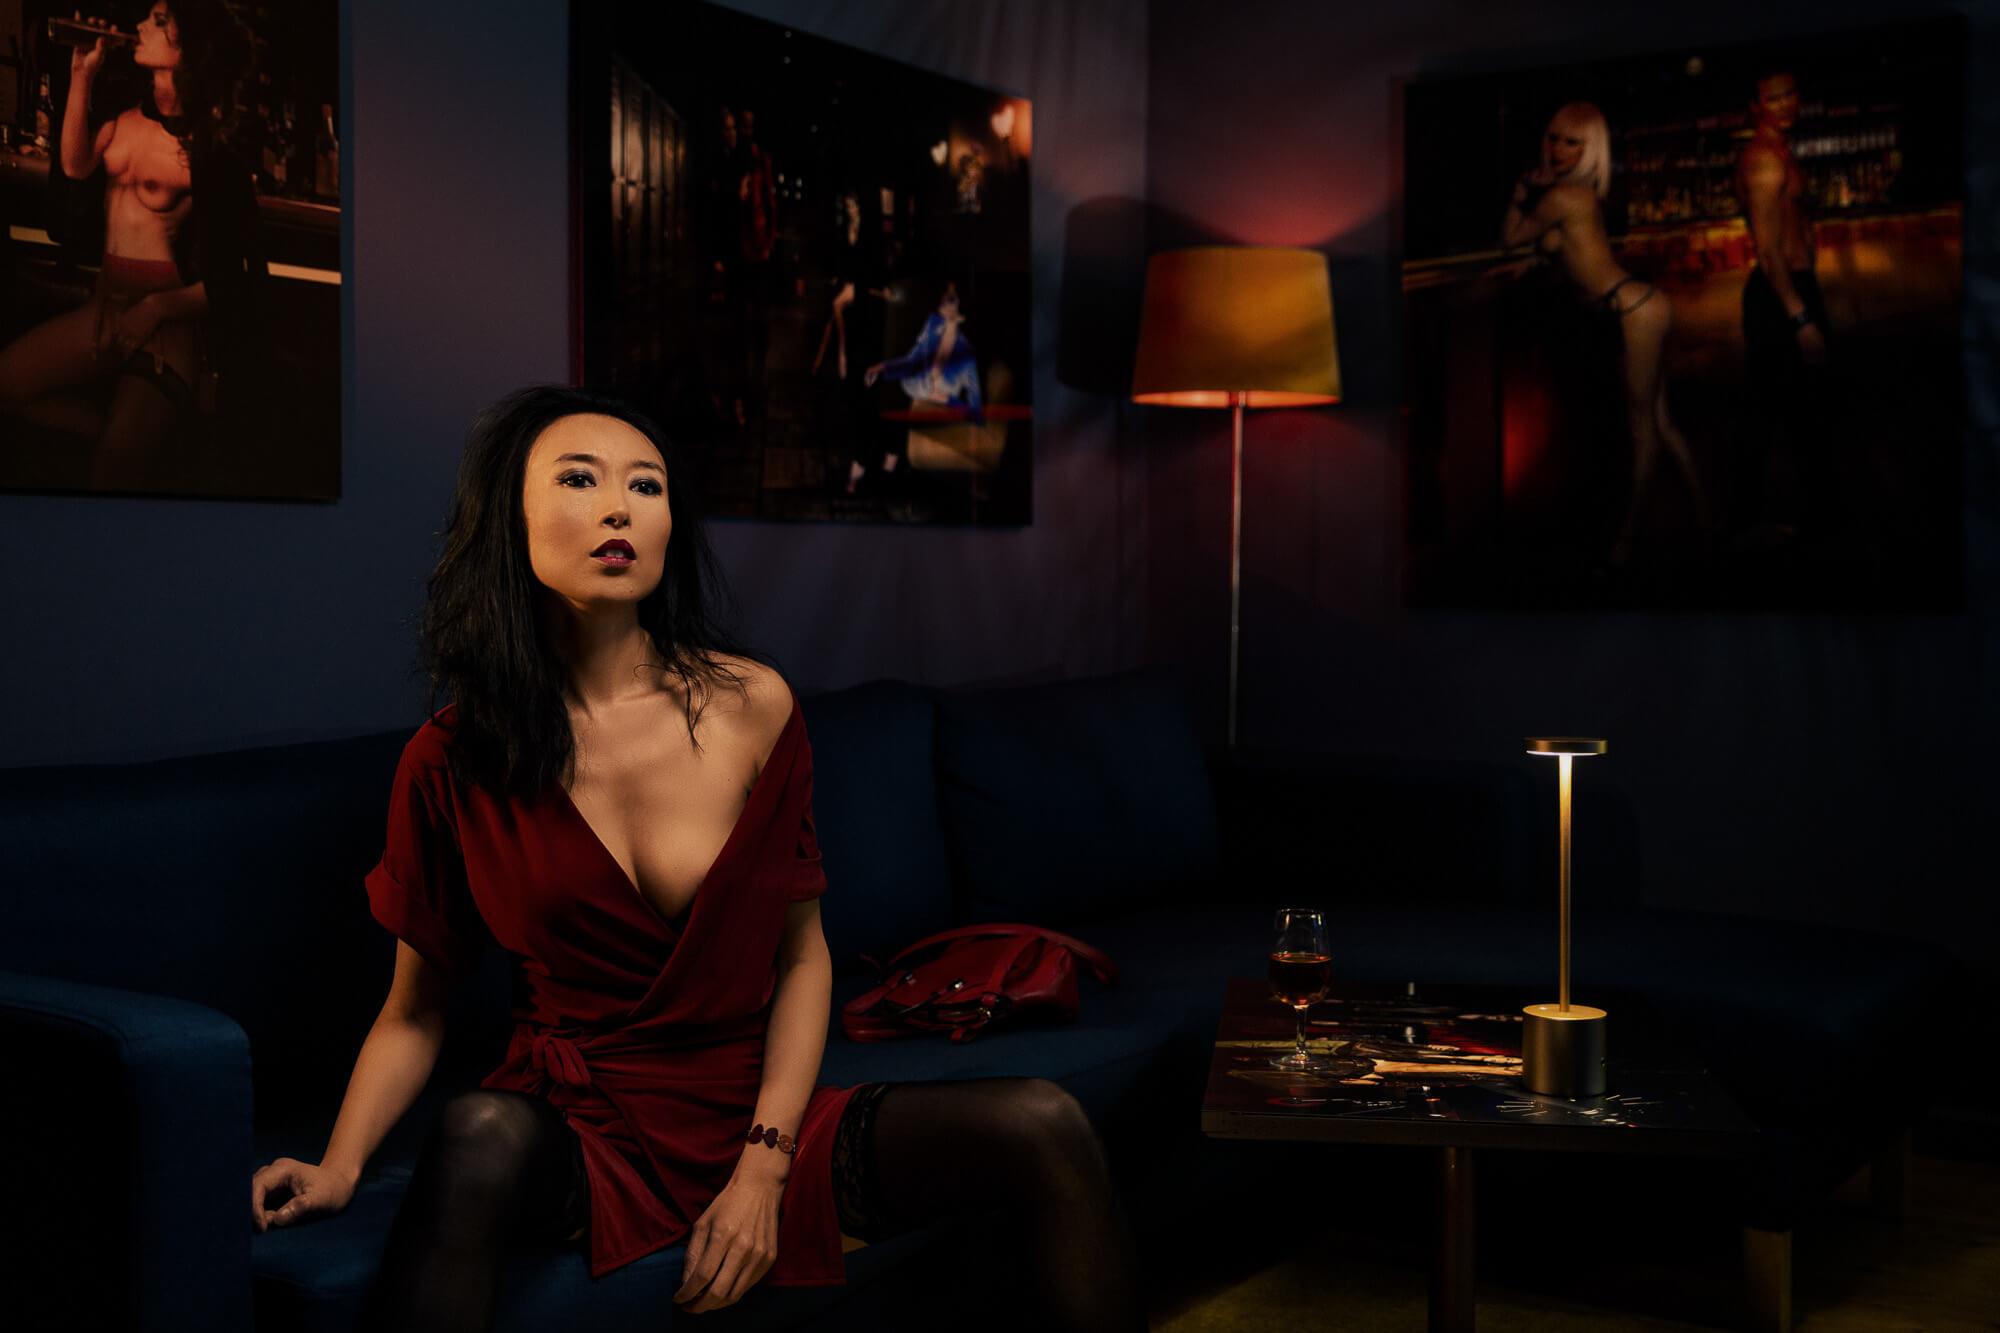 Photographe d'art Pierre SAGE - La sensualité mise à nu